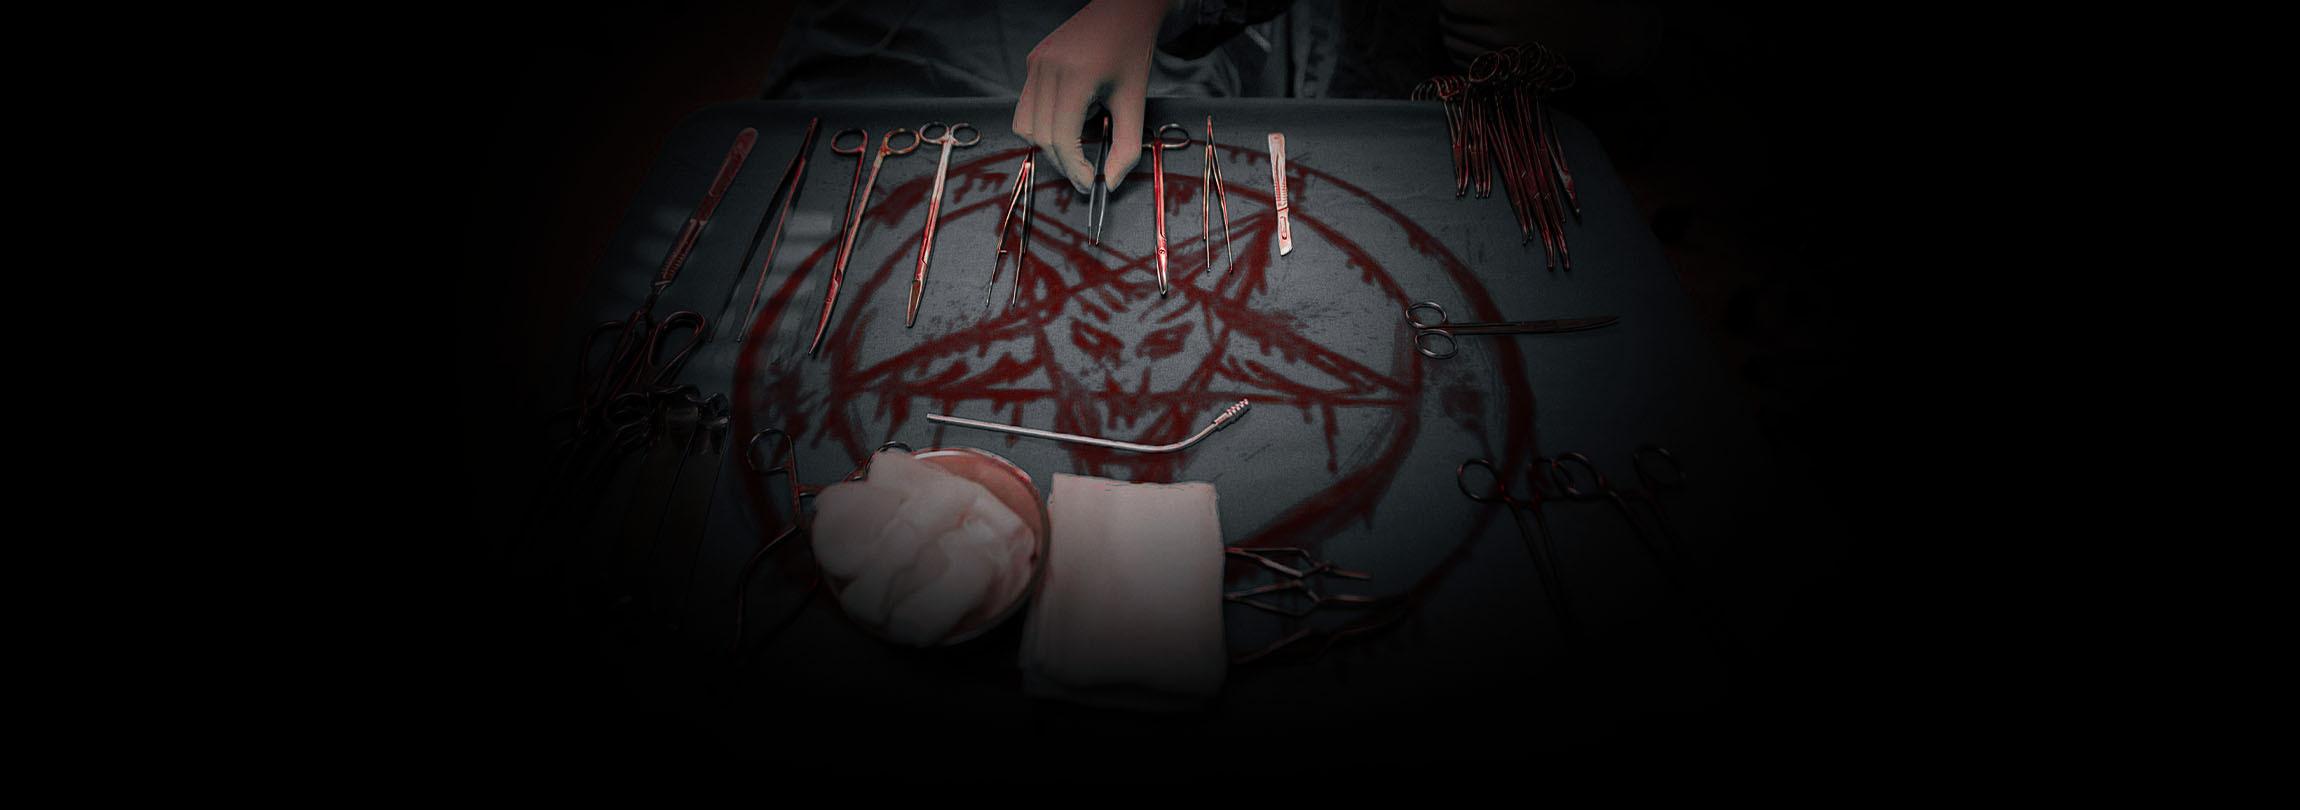 """Ex-satanista: """"Eu fazia rituais satânicos dentro de clínicas de aborto"""""""